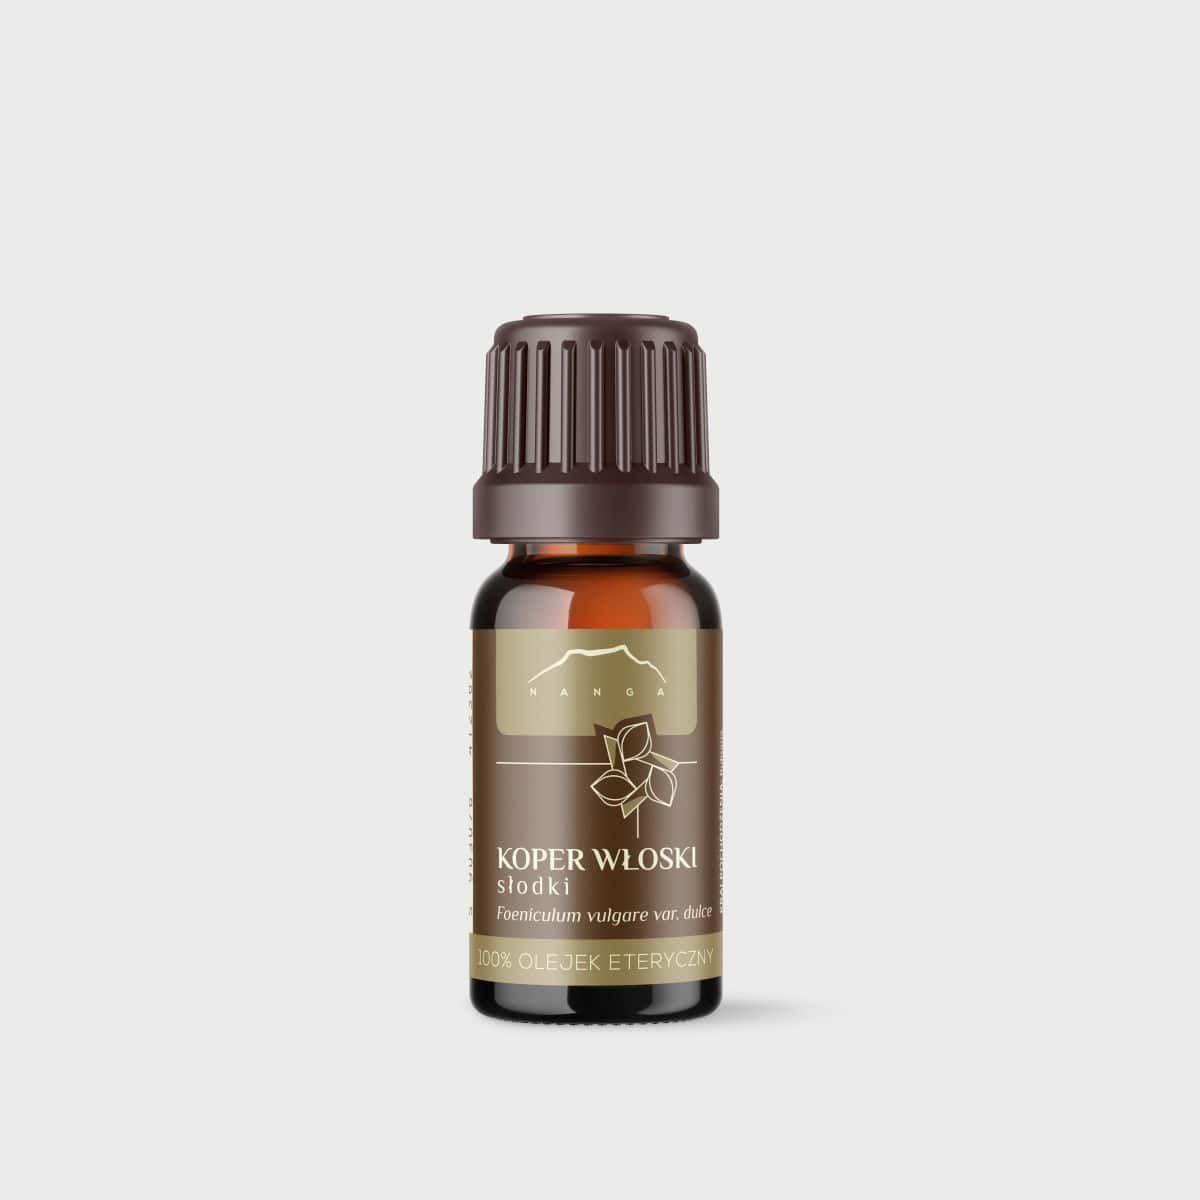 Olejek z kopru włoskiego (słodki) 100% eteryczny Nanga